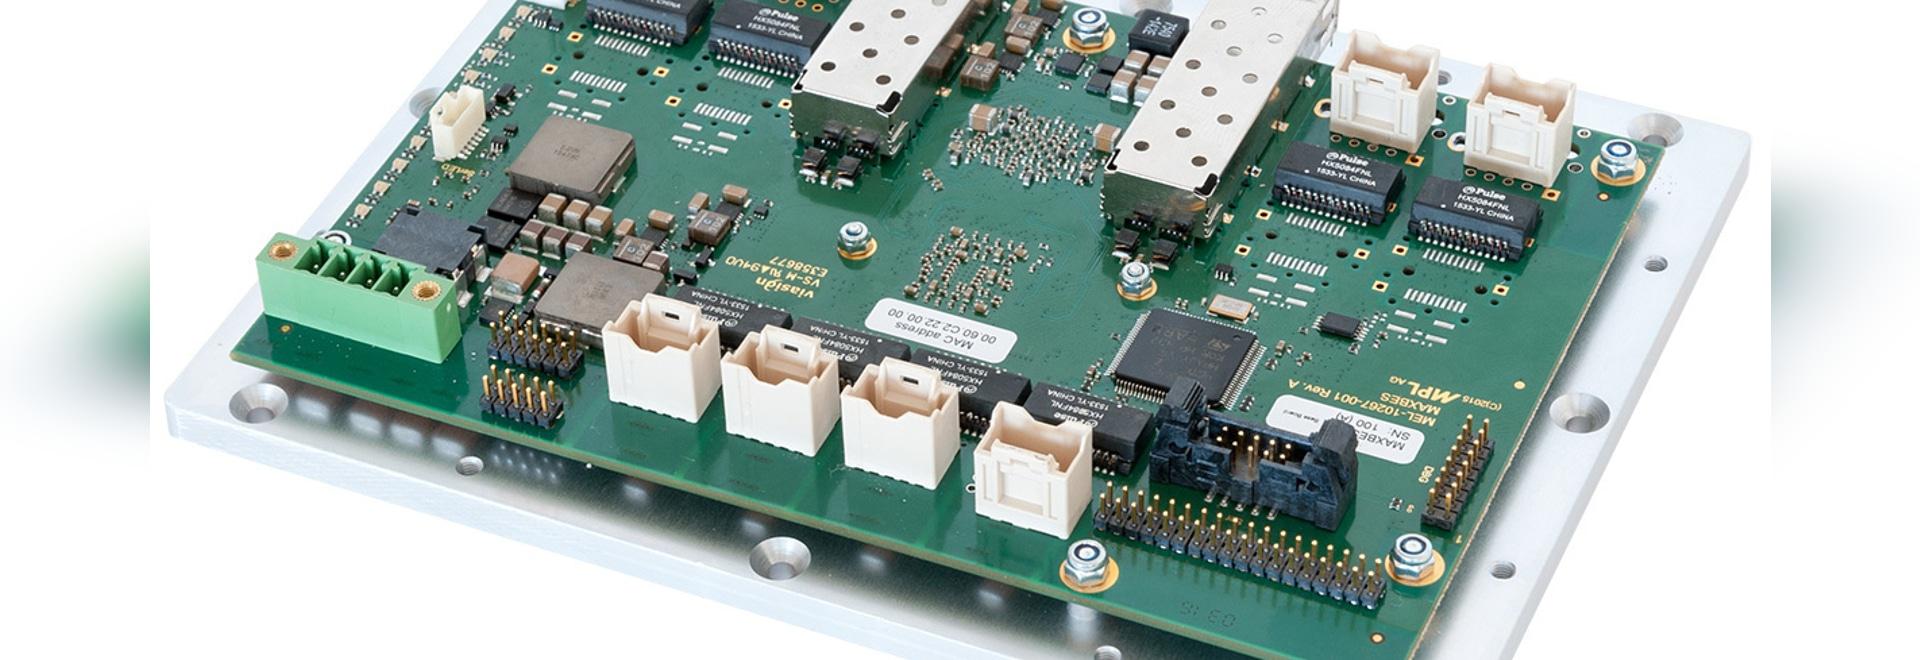 Commutateur contrôlé rocailleux de cadre ouvert du gigabit 10-Port avec 2 ports de SFP+ 10Gbit